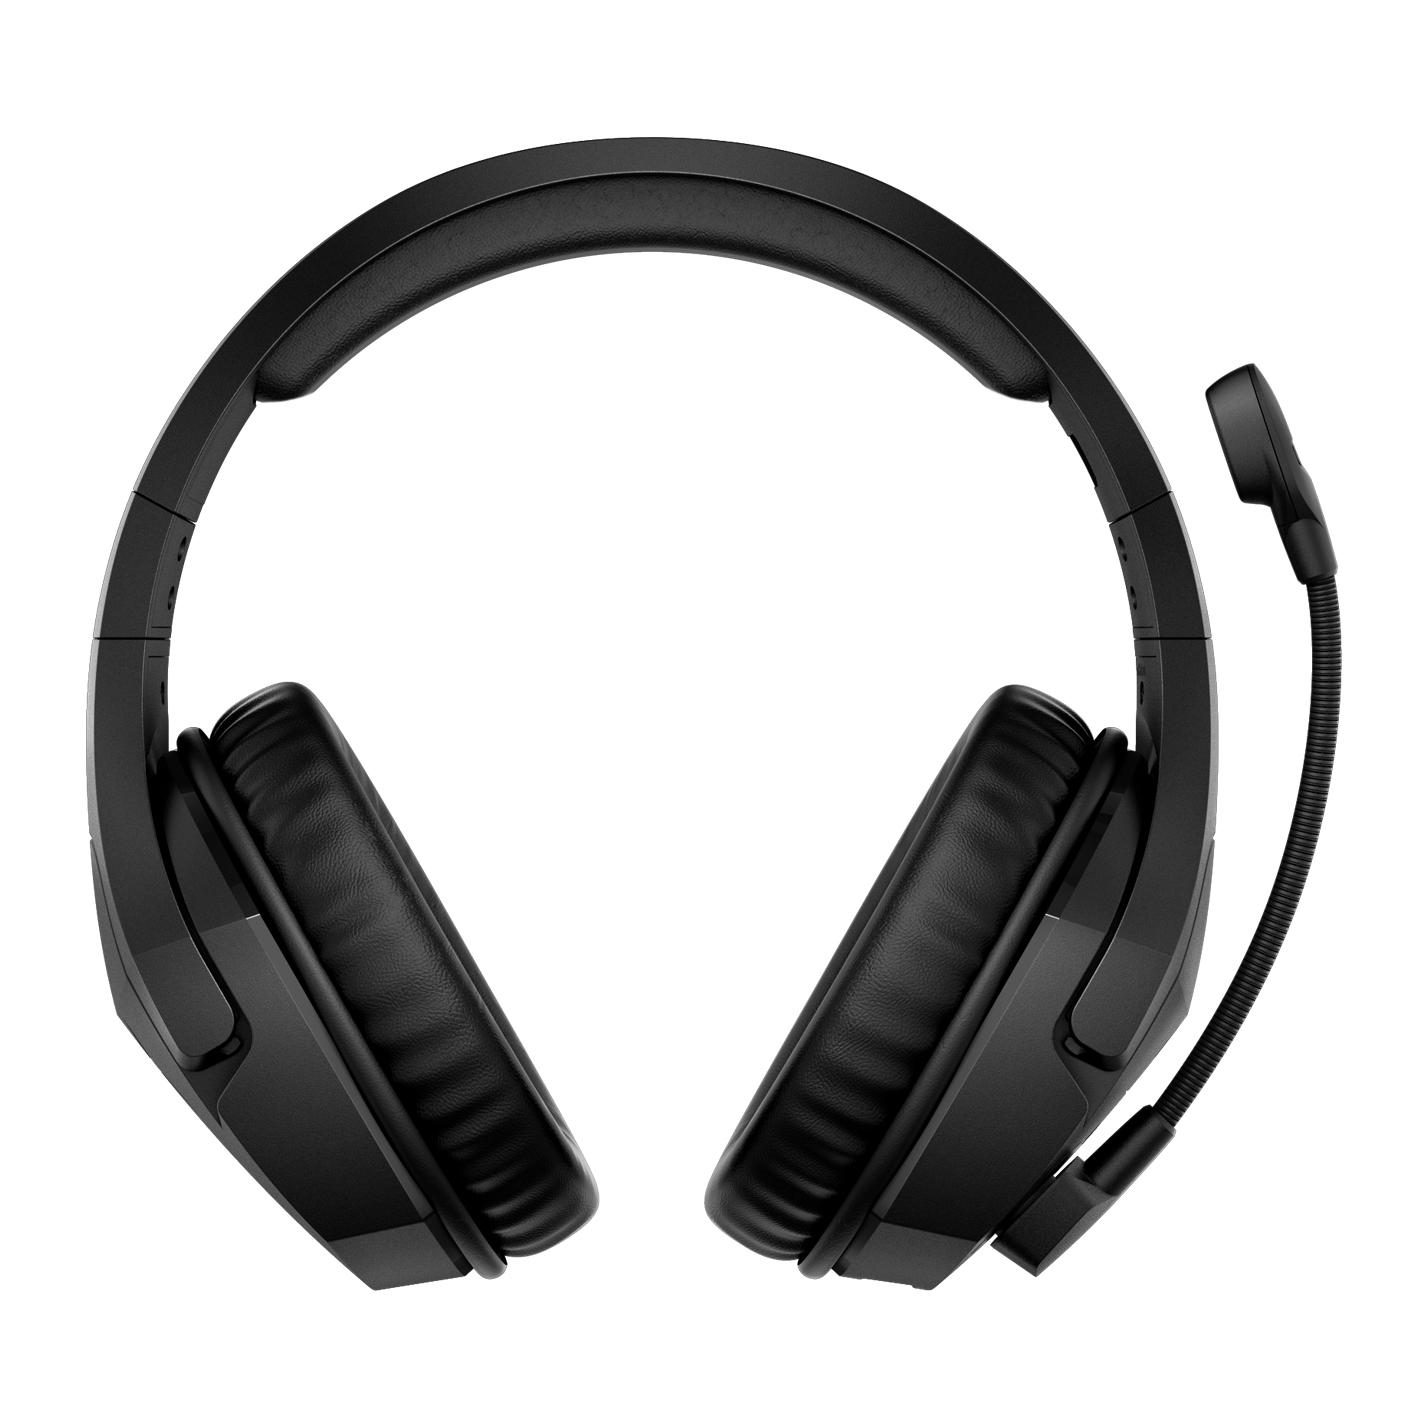 HyperX Stinger headset Head-band Binaural Black